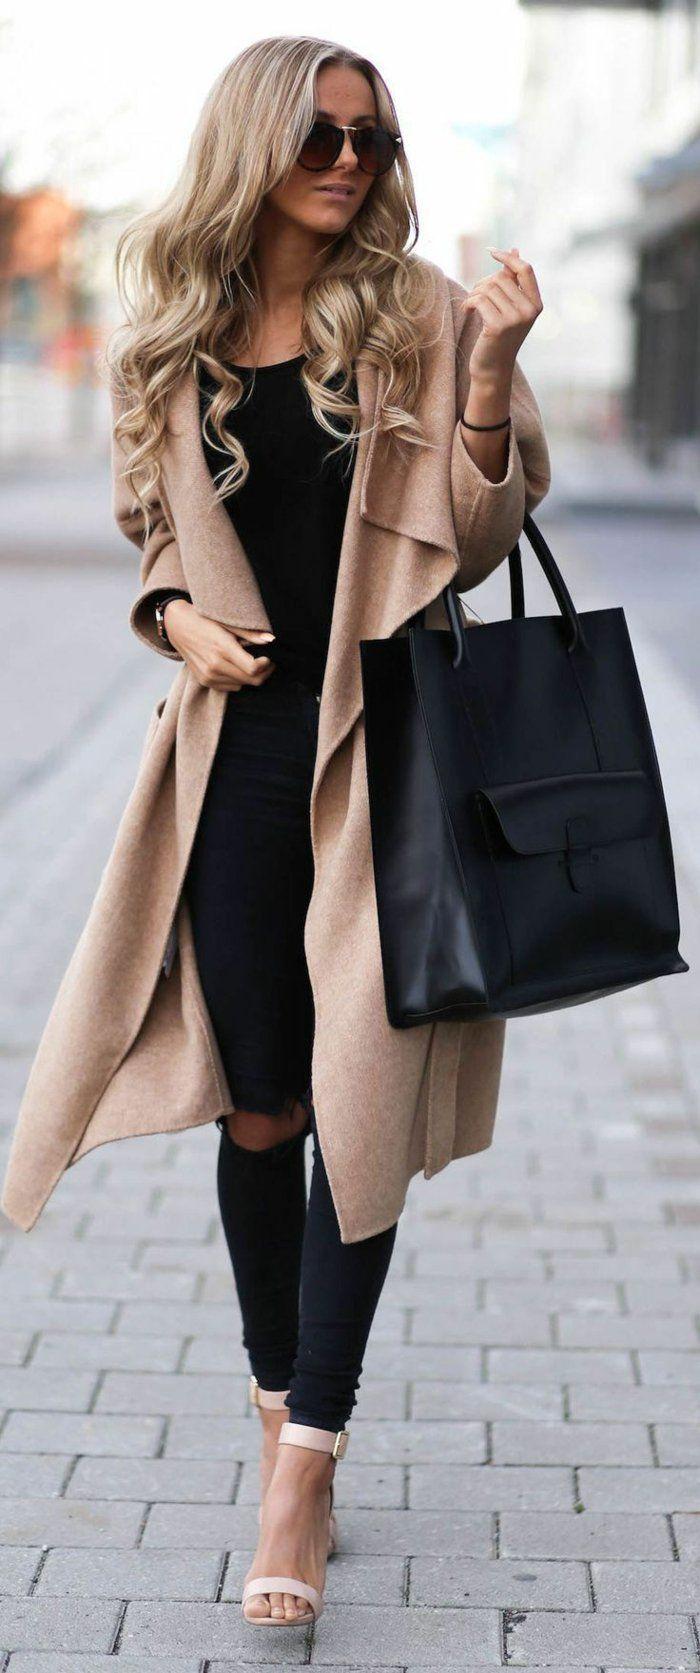 les 25 meilleures idées de la catégorie manteau femme 2015 sur